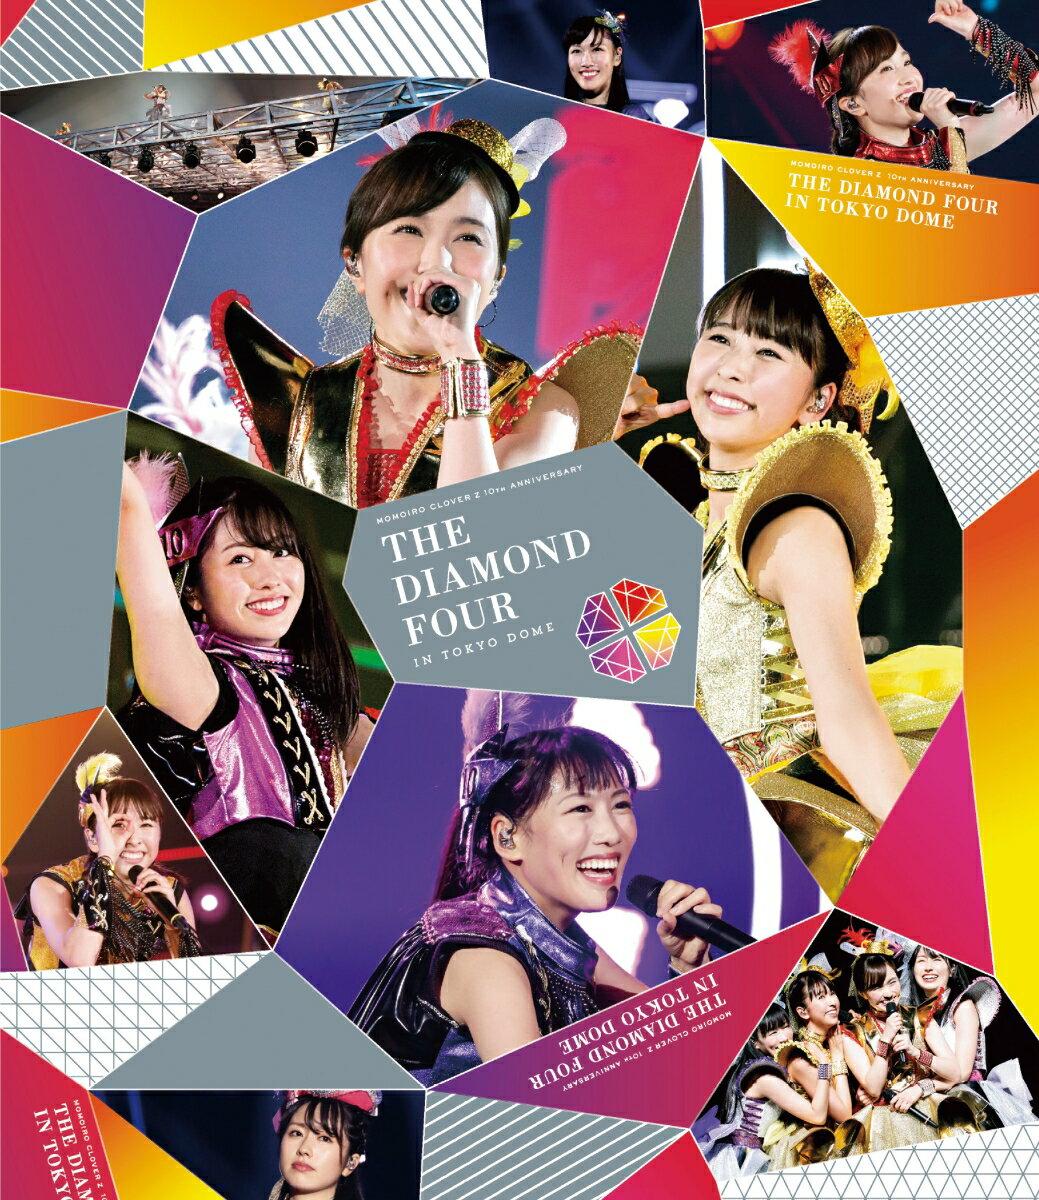 ももいろクローバーZ 10th Anniversary The Diamond Four -in 桃響導夢ー LIVE Blu-ray【Blu-ray】 [ ももいろクローバーZ ]